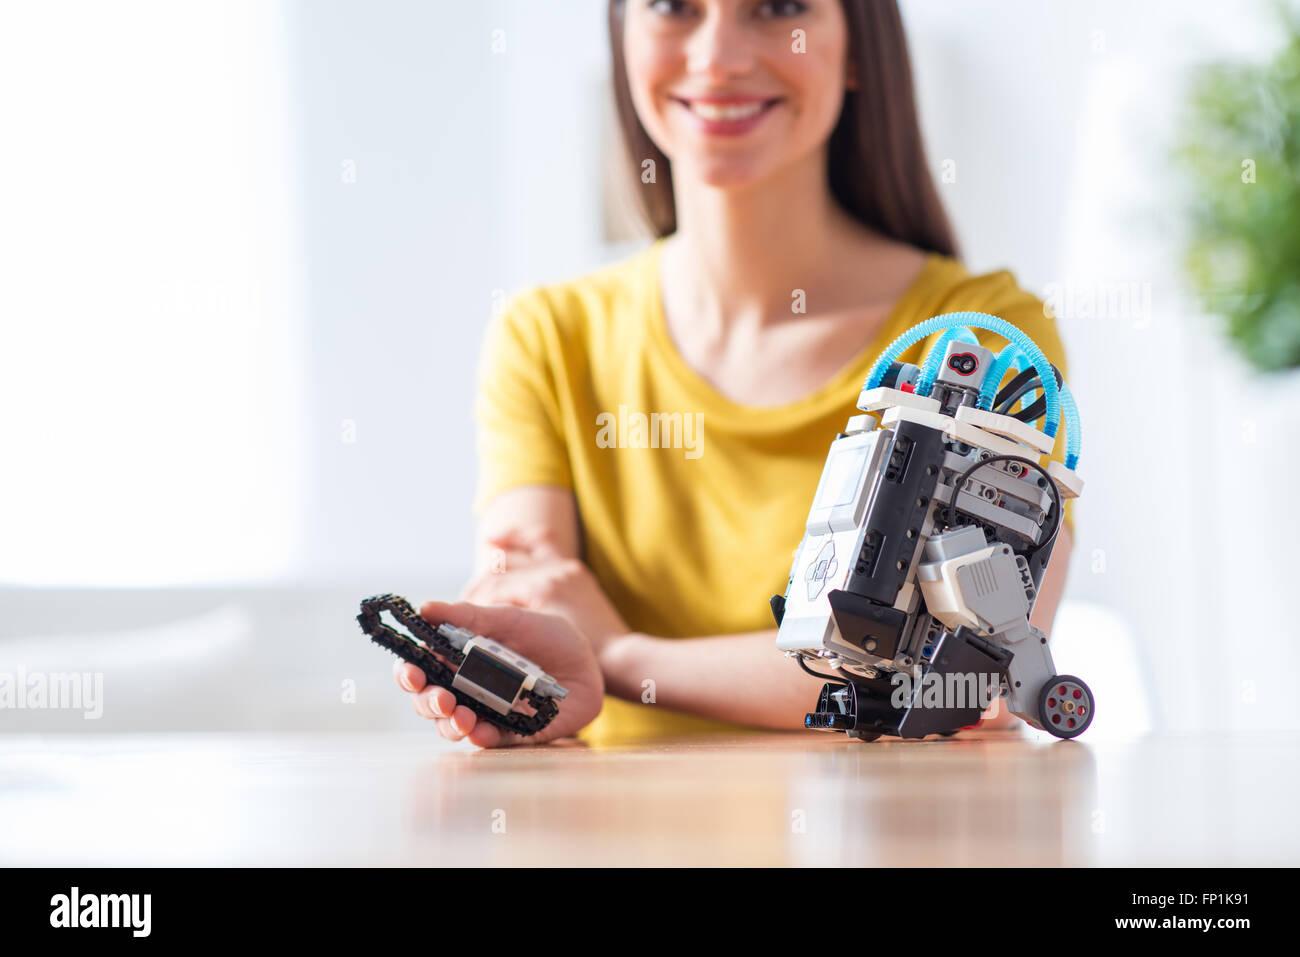 Shall I play with robot - Stock Image